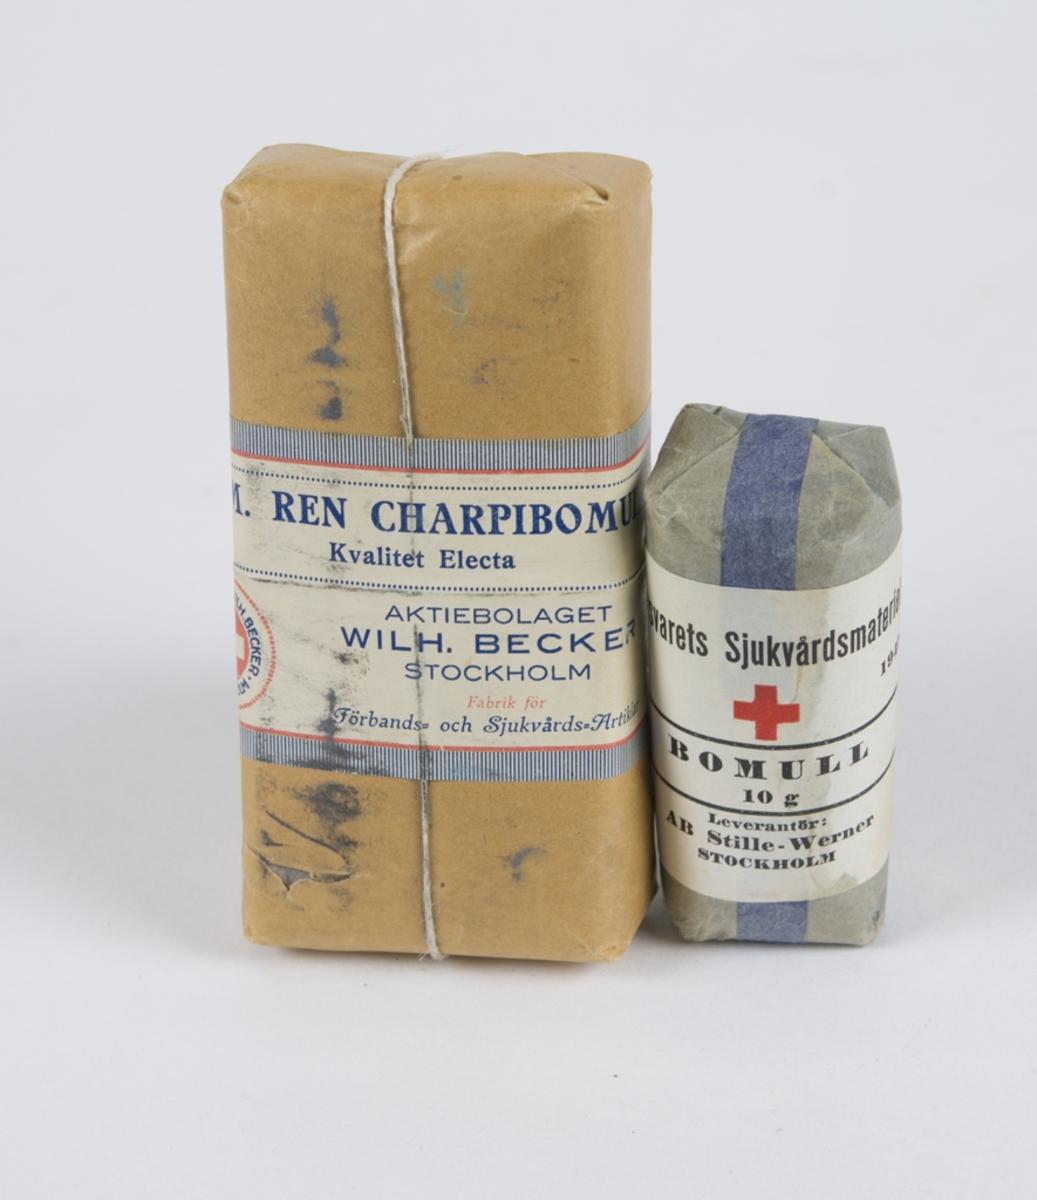 """Förpakning med bomull. Två olika förpakningar den ena med """"Bomull 10 g"""" den andra med """"kemisk ren Capribomull""""."""